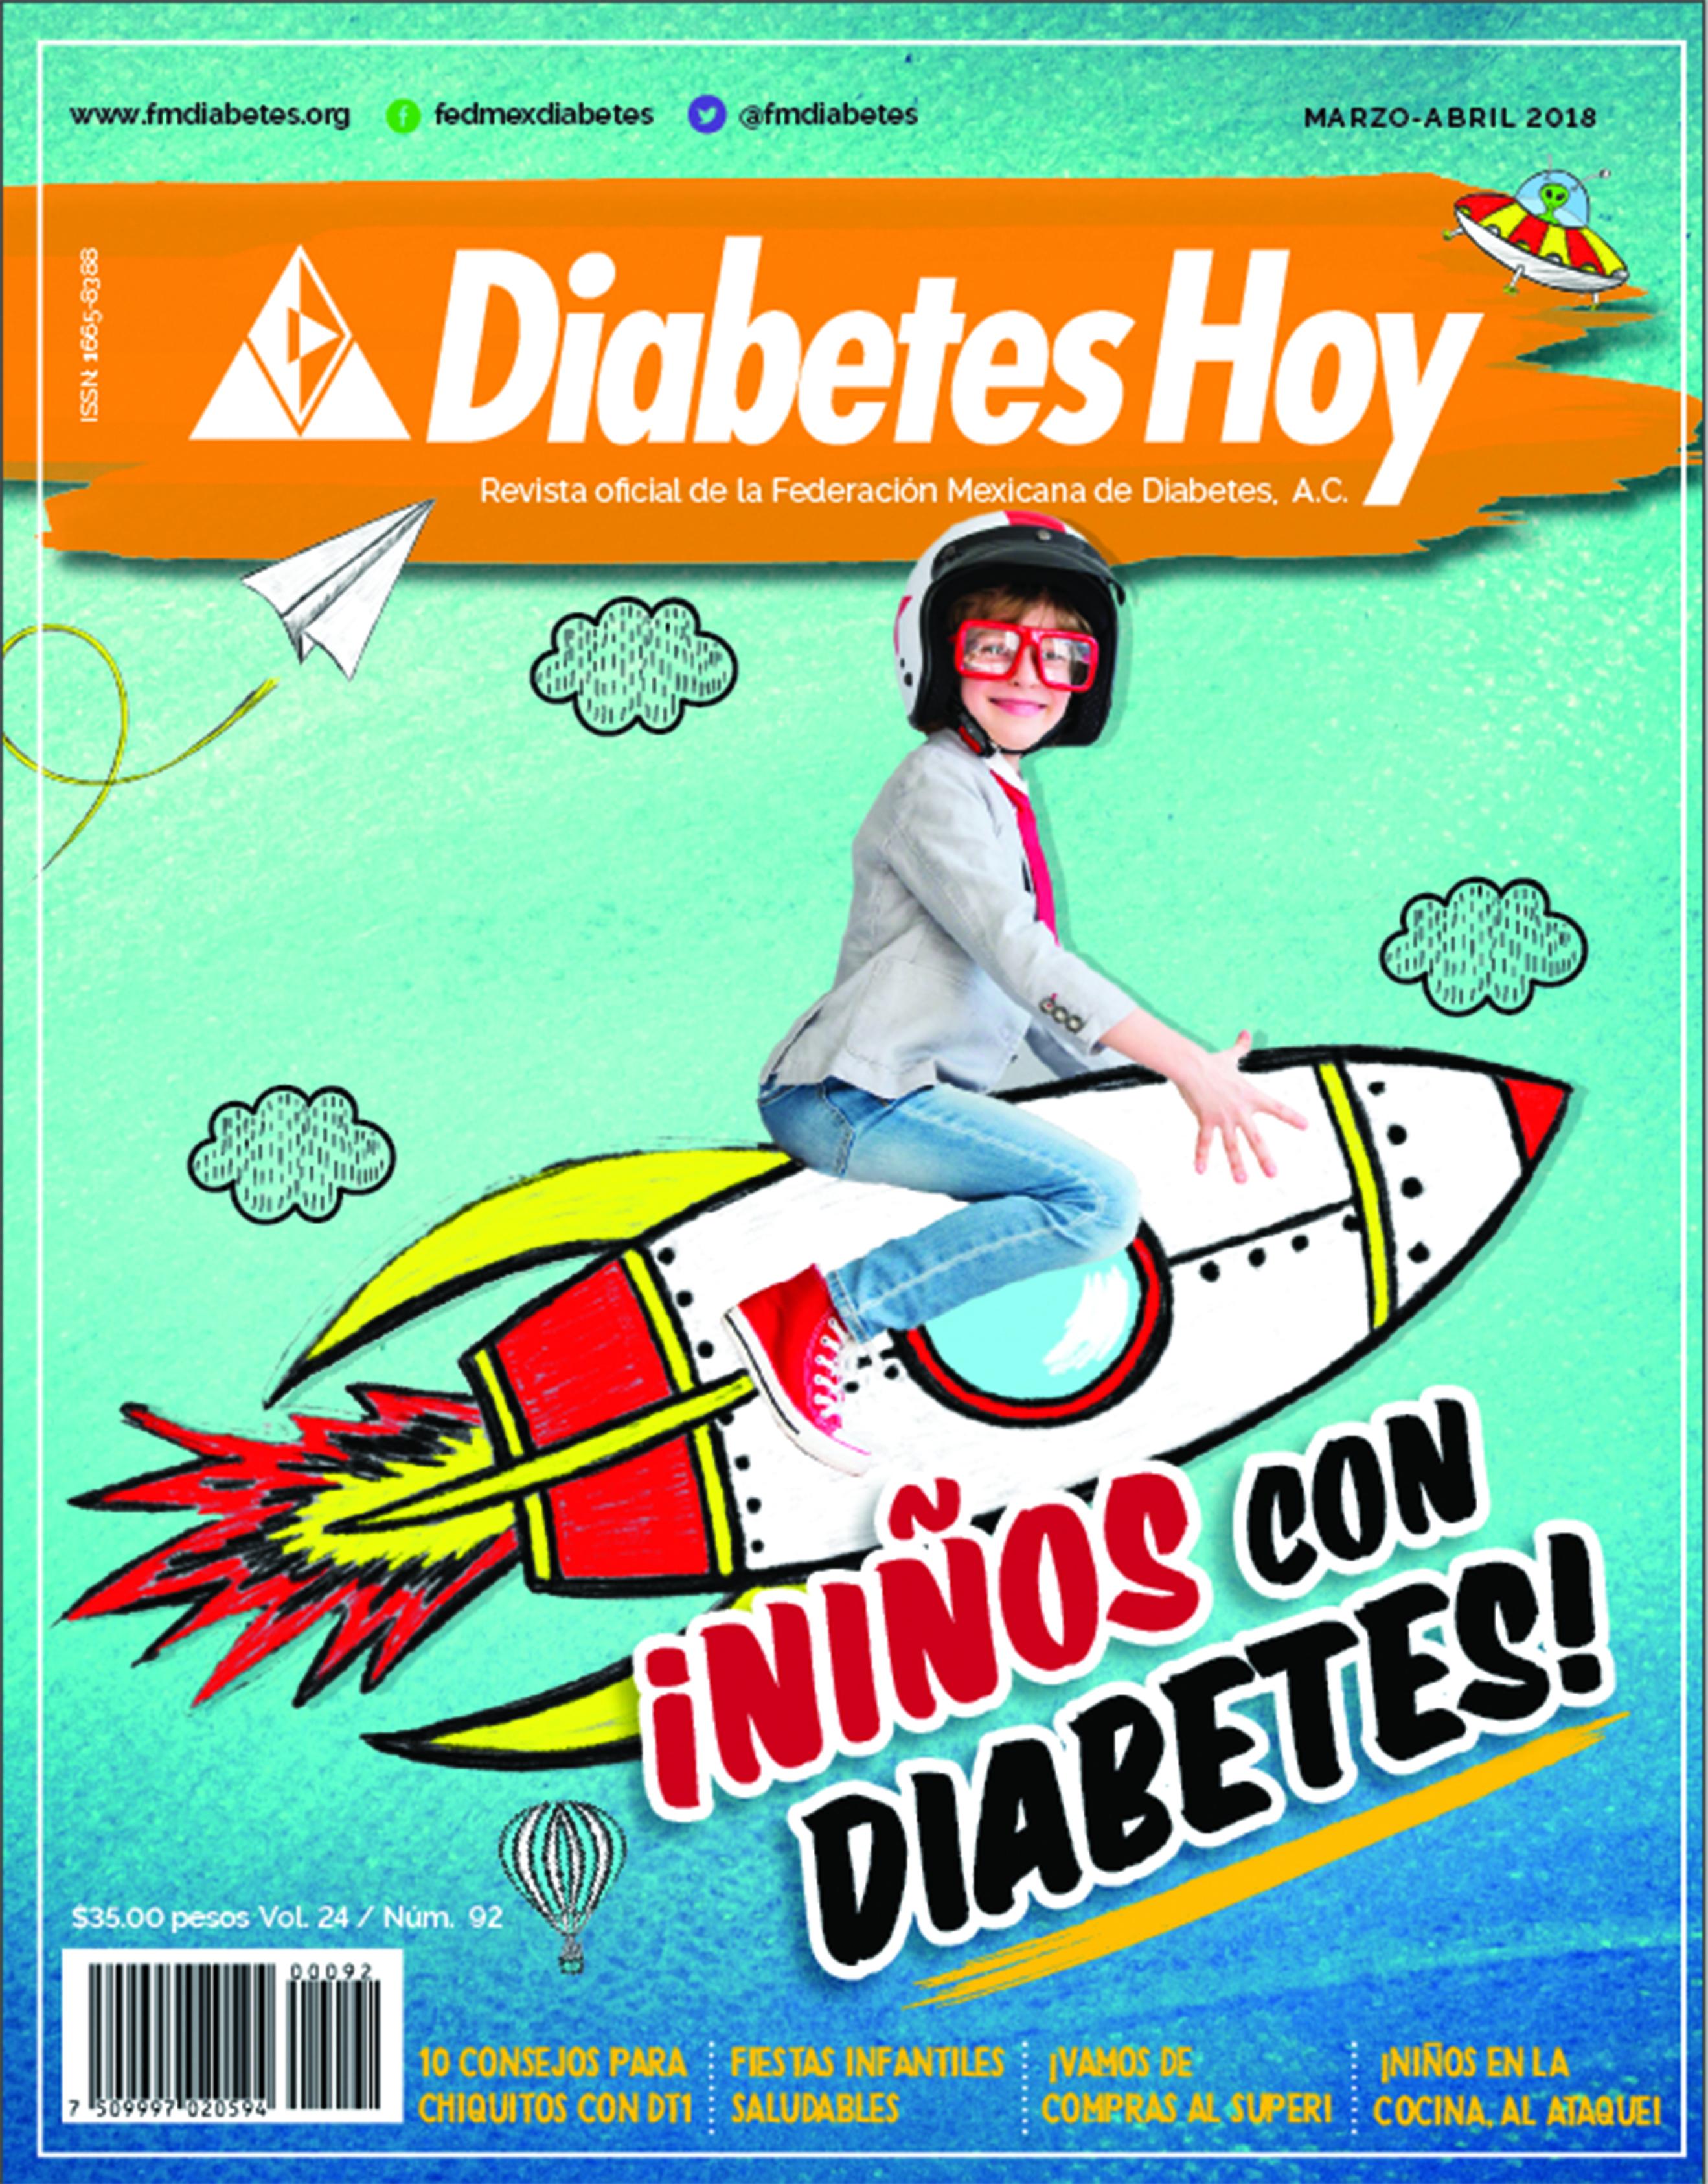 Revista Diabetes Hoy marzo-abril 2018